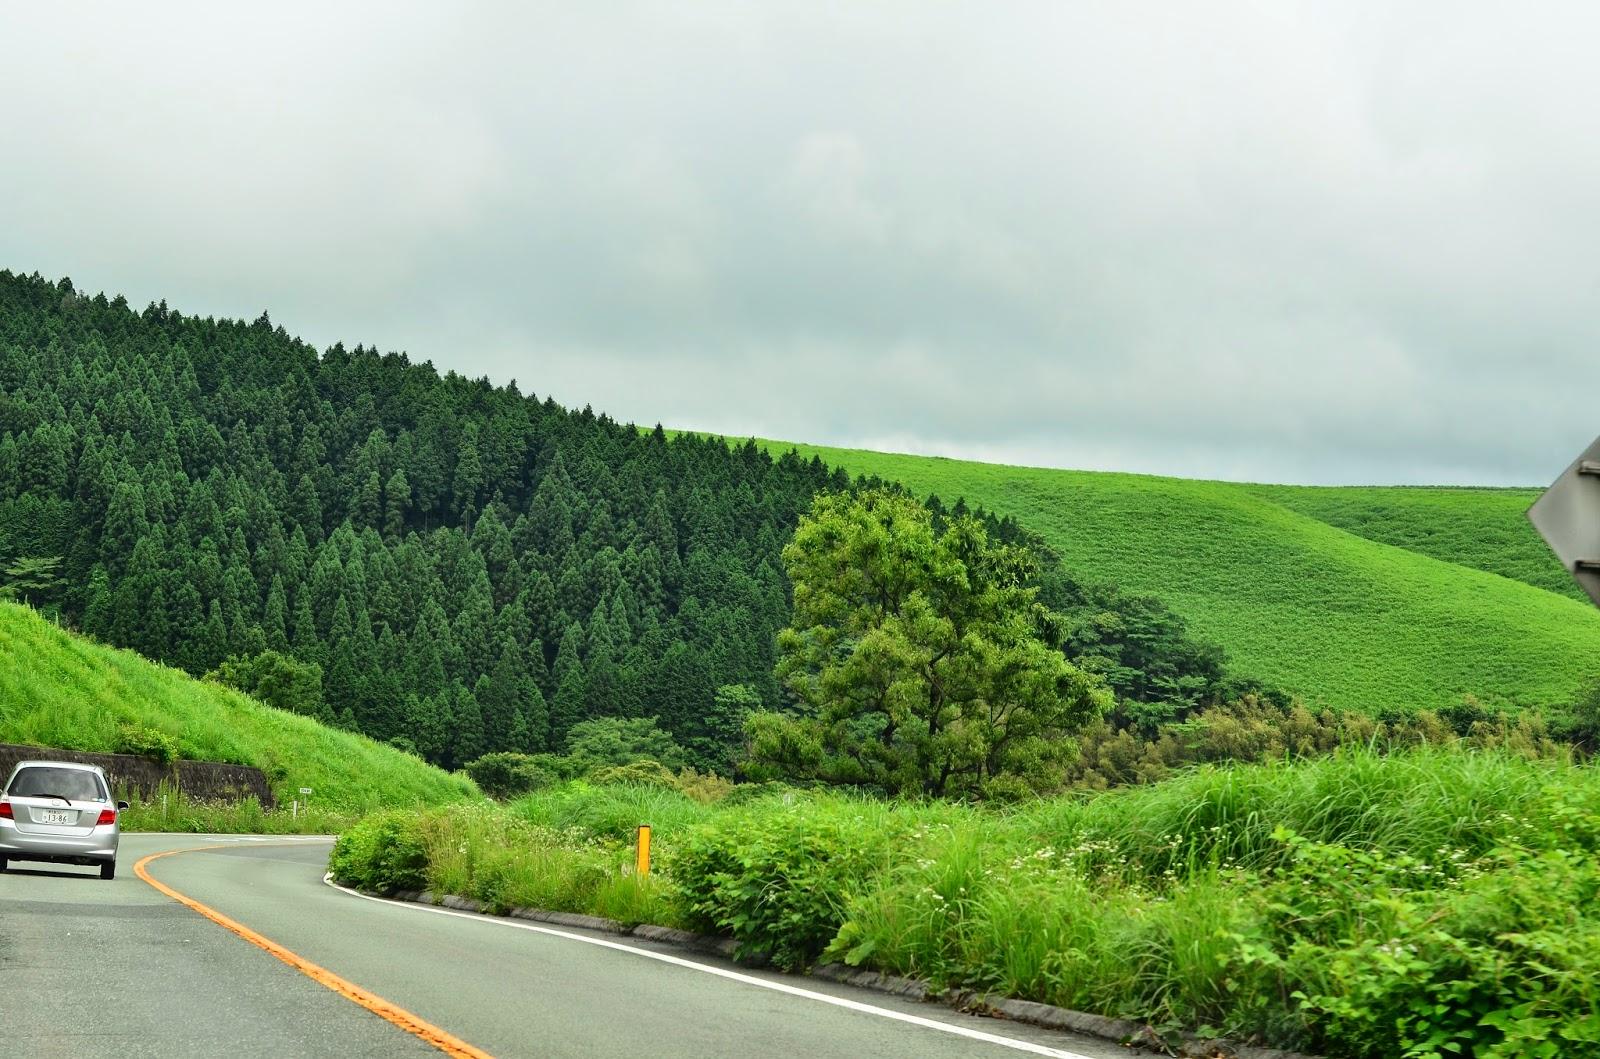 山 情報 阿蘇 火山灰 阿蘇山「カルデラ噴火」が、日本を壊滅させる